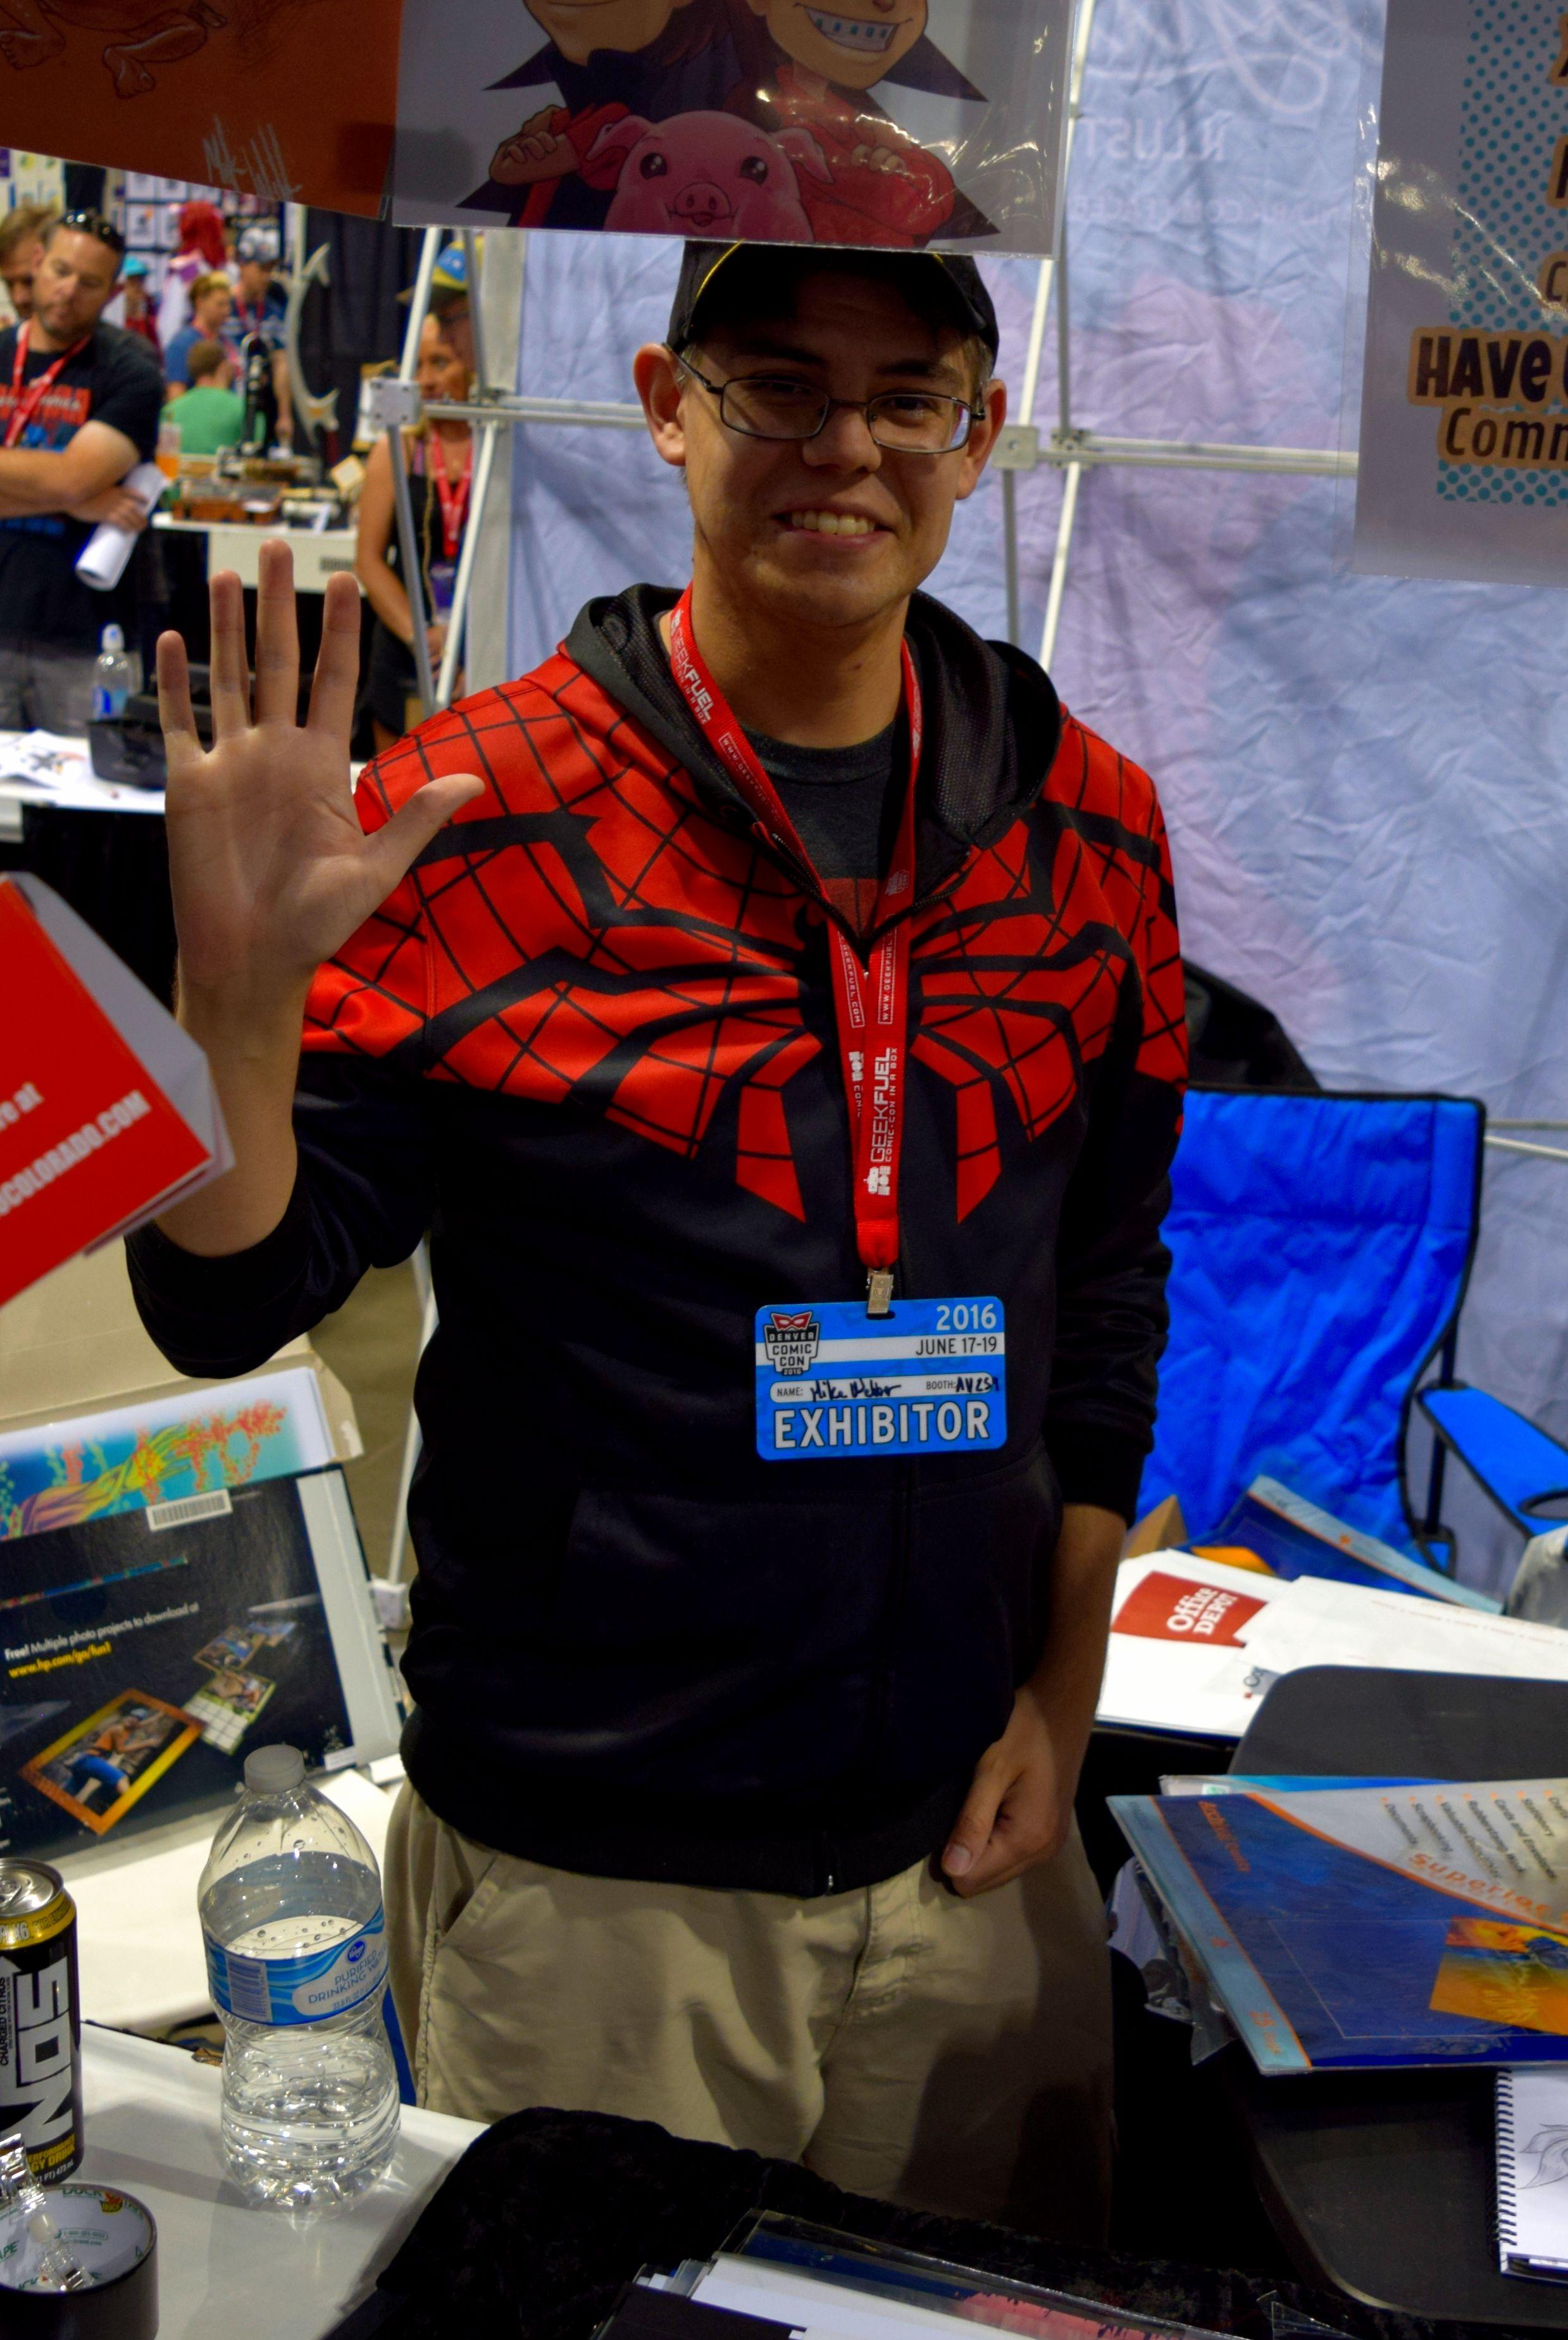 Red Team Go Colorado member Michael Webber.